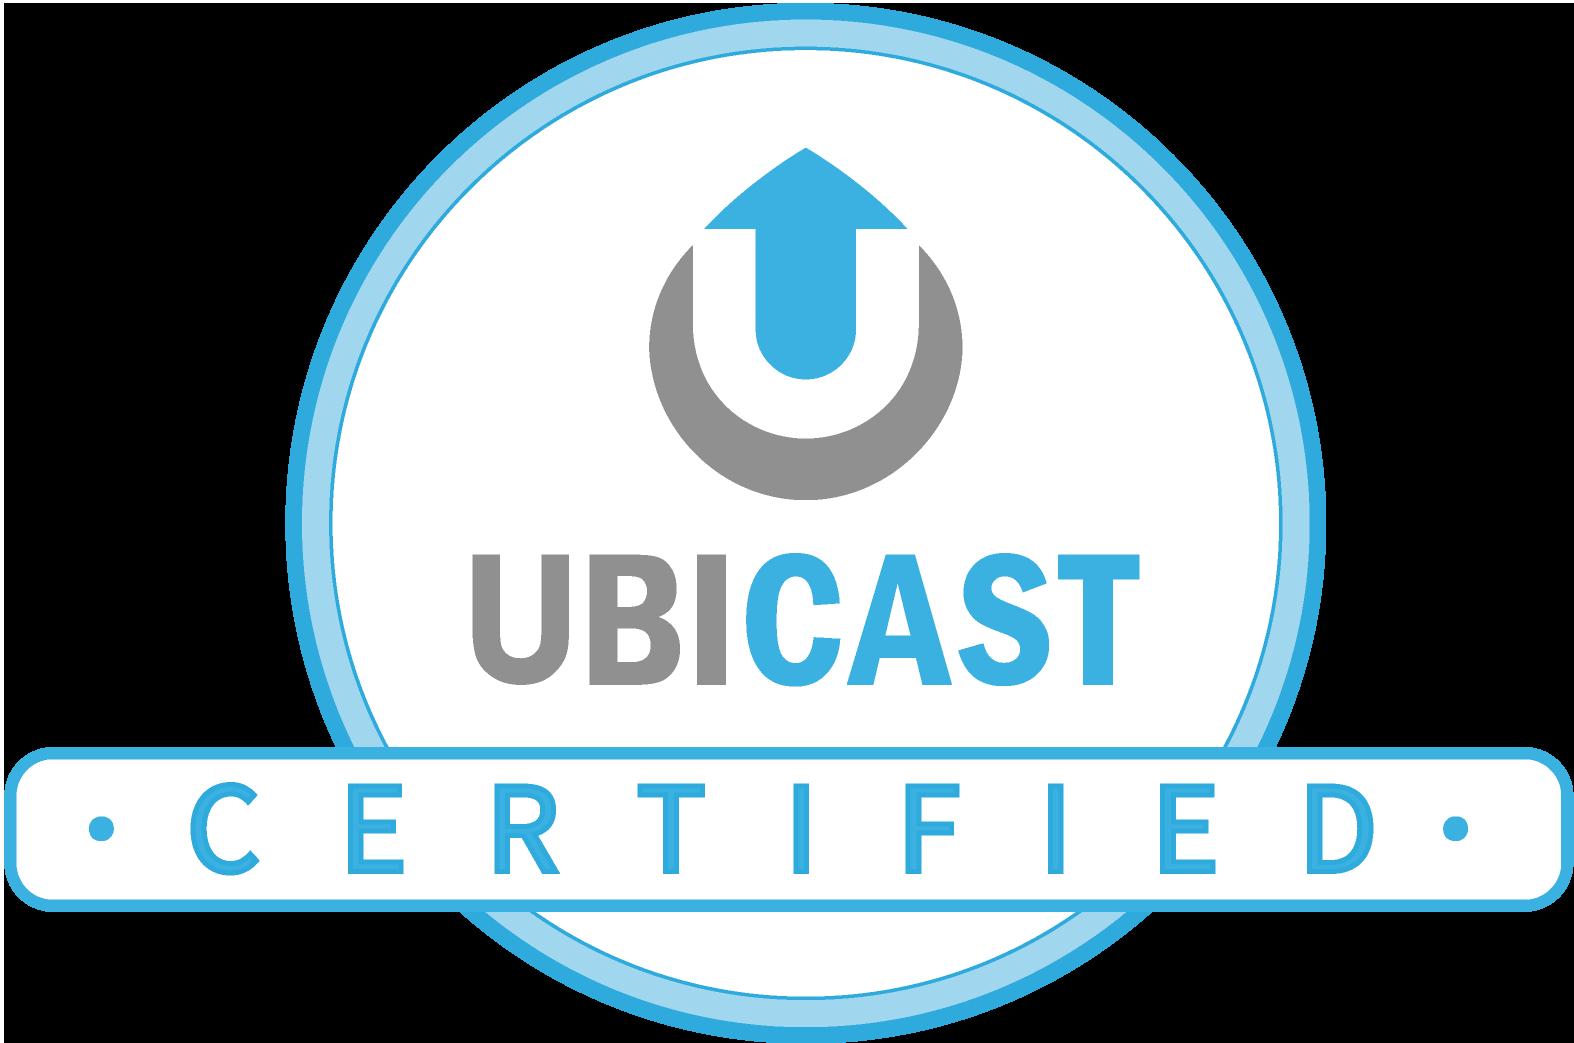 logo_certified_Final